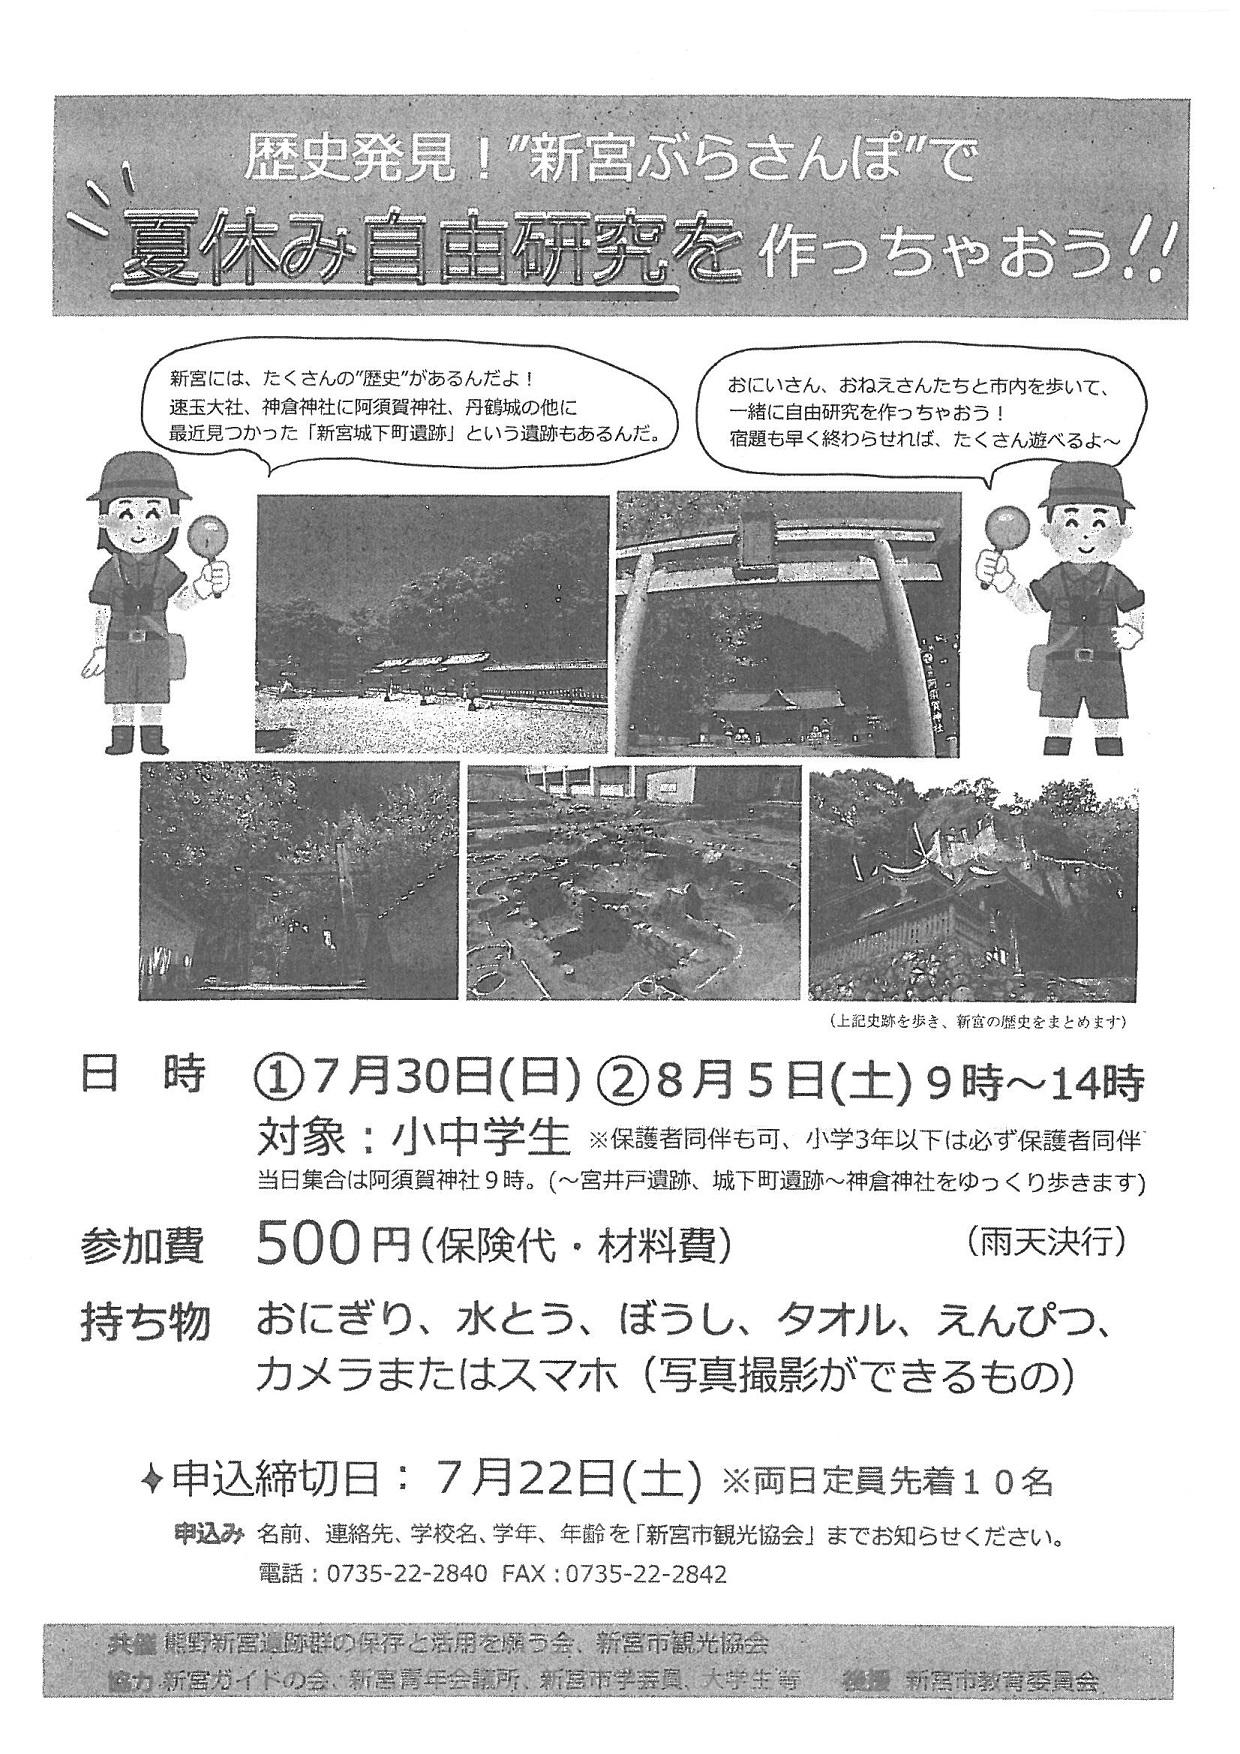 """歴史発見!""""新宮ぶらさんぽ""""で夏休み自由研究を作っちゃおう!"""